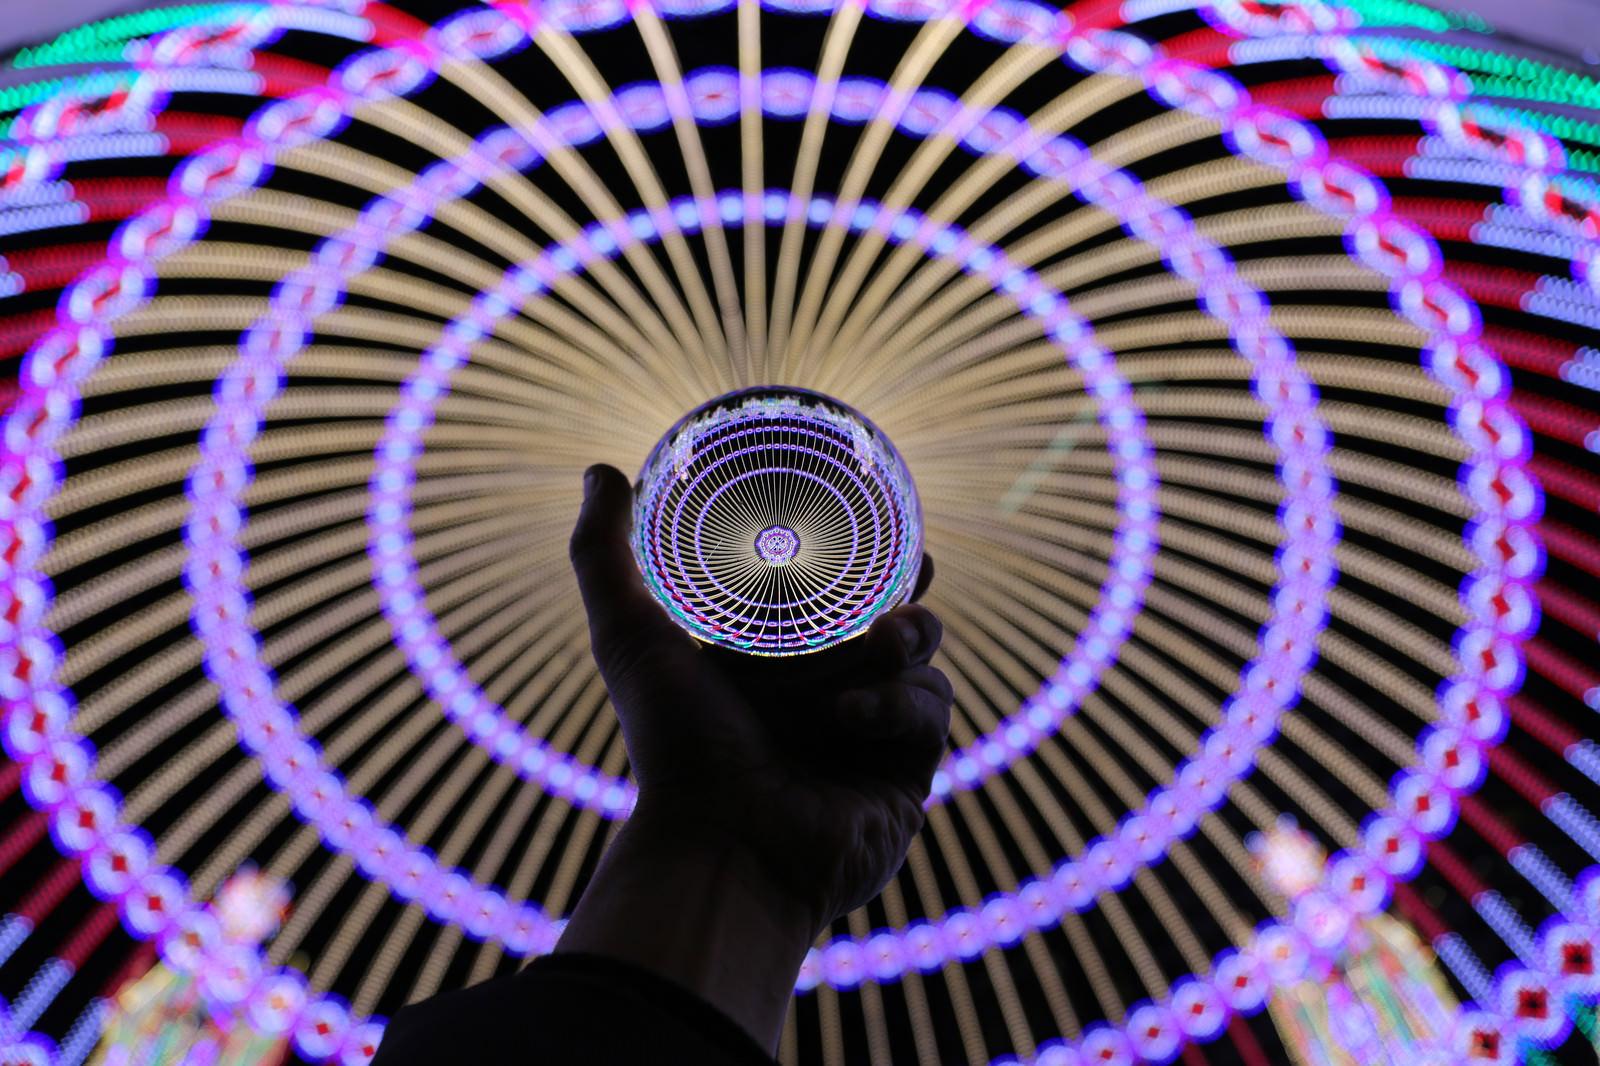 「水晶玉から広がるイルミネーションの輪」の写真